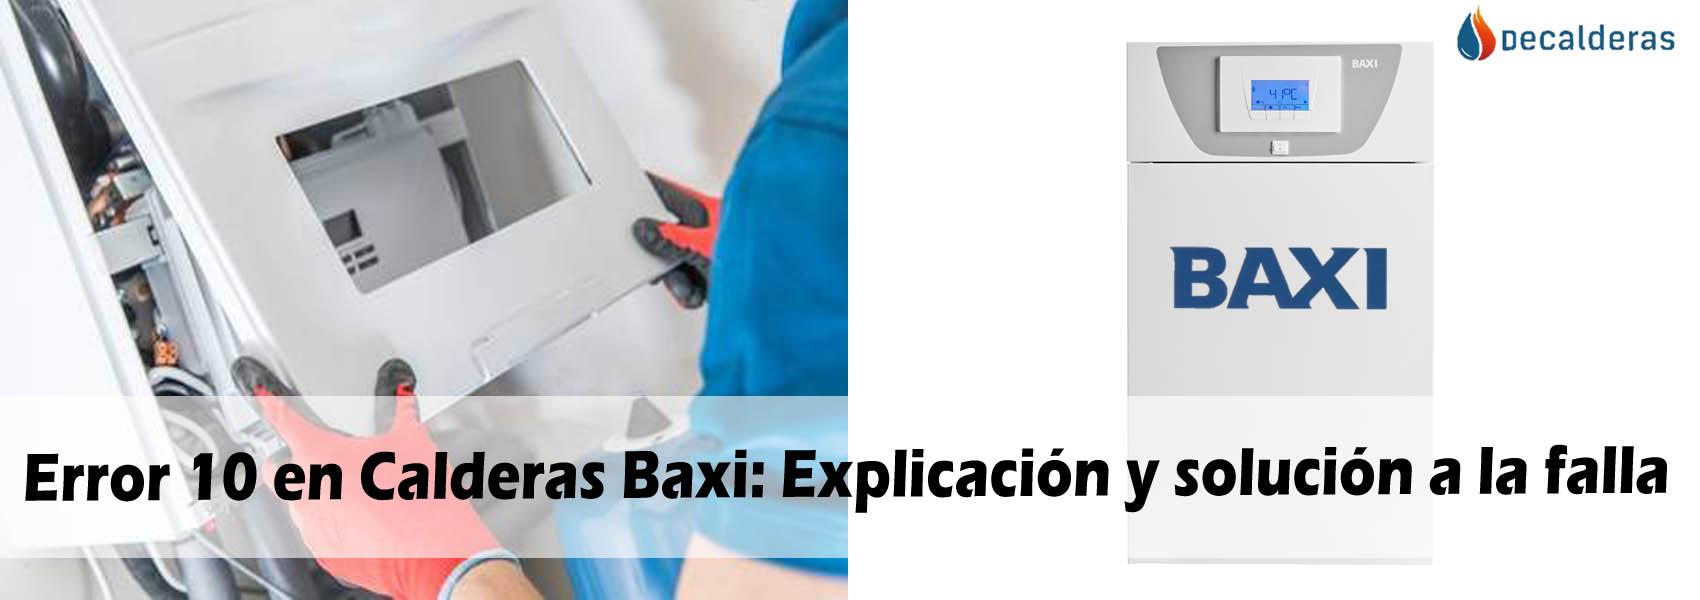 Error 10 en Calderas Baxi-Explicación y solución a la falla-2020